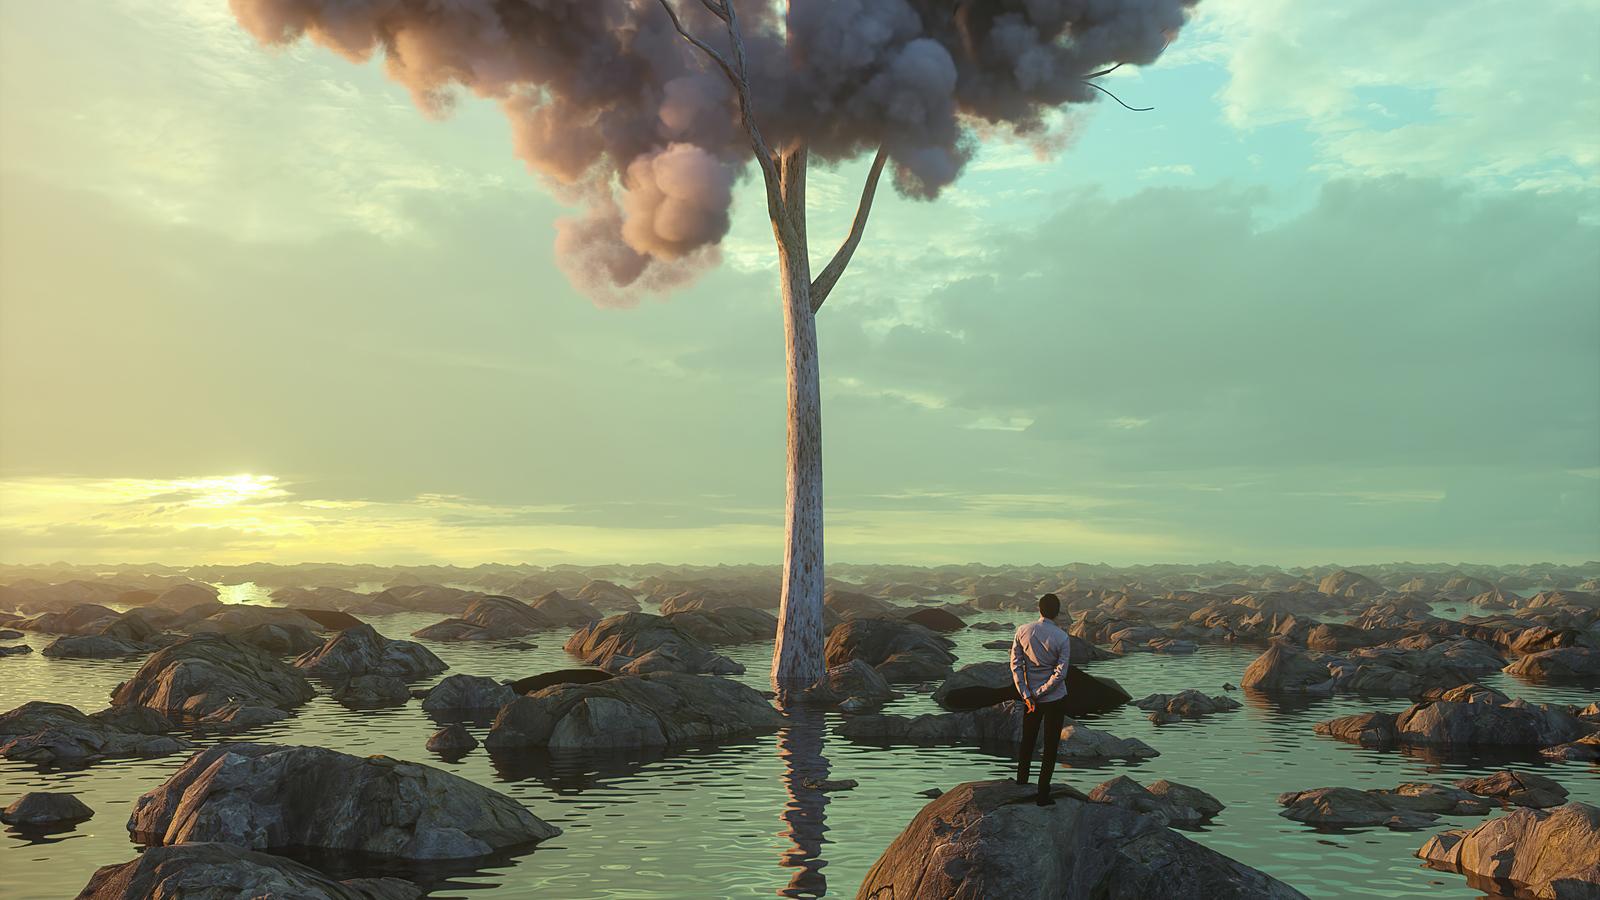 boy-alone-clouds-on-tree-4k-yn.jpg